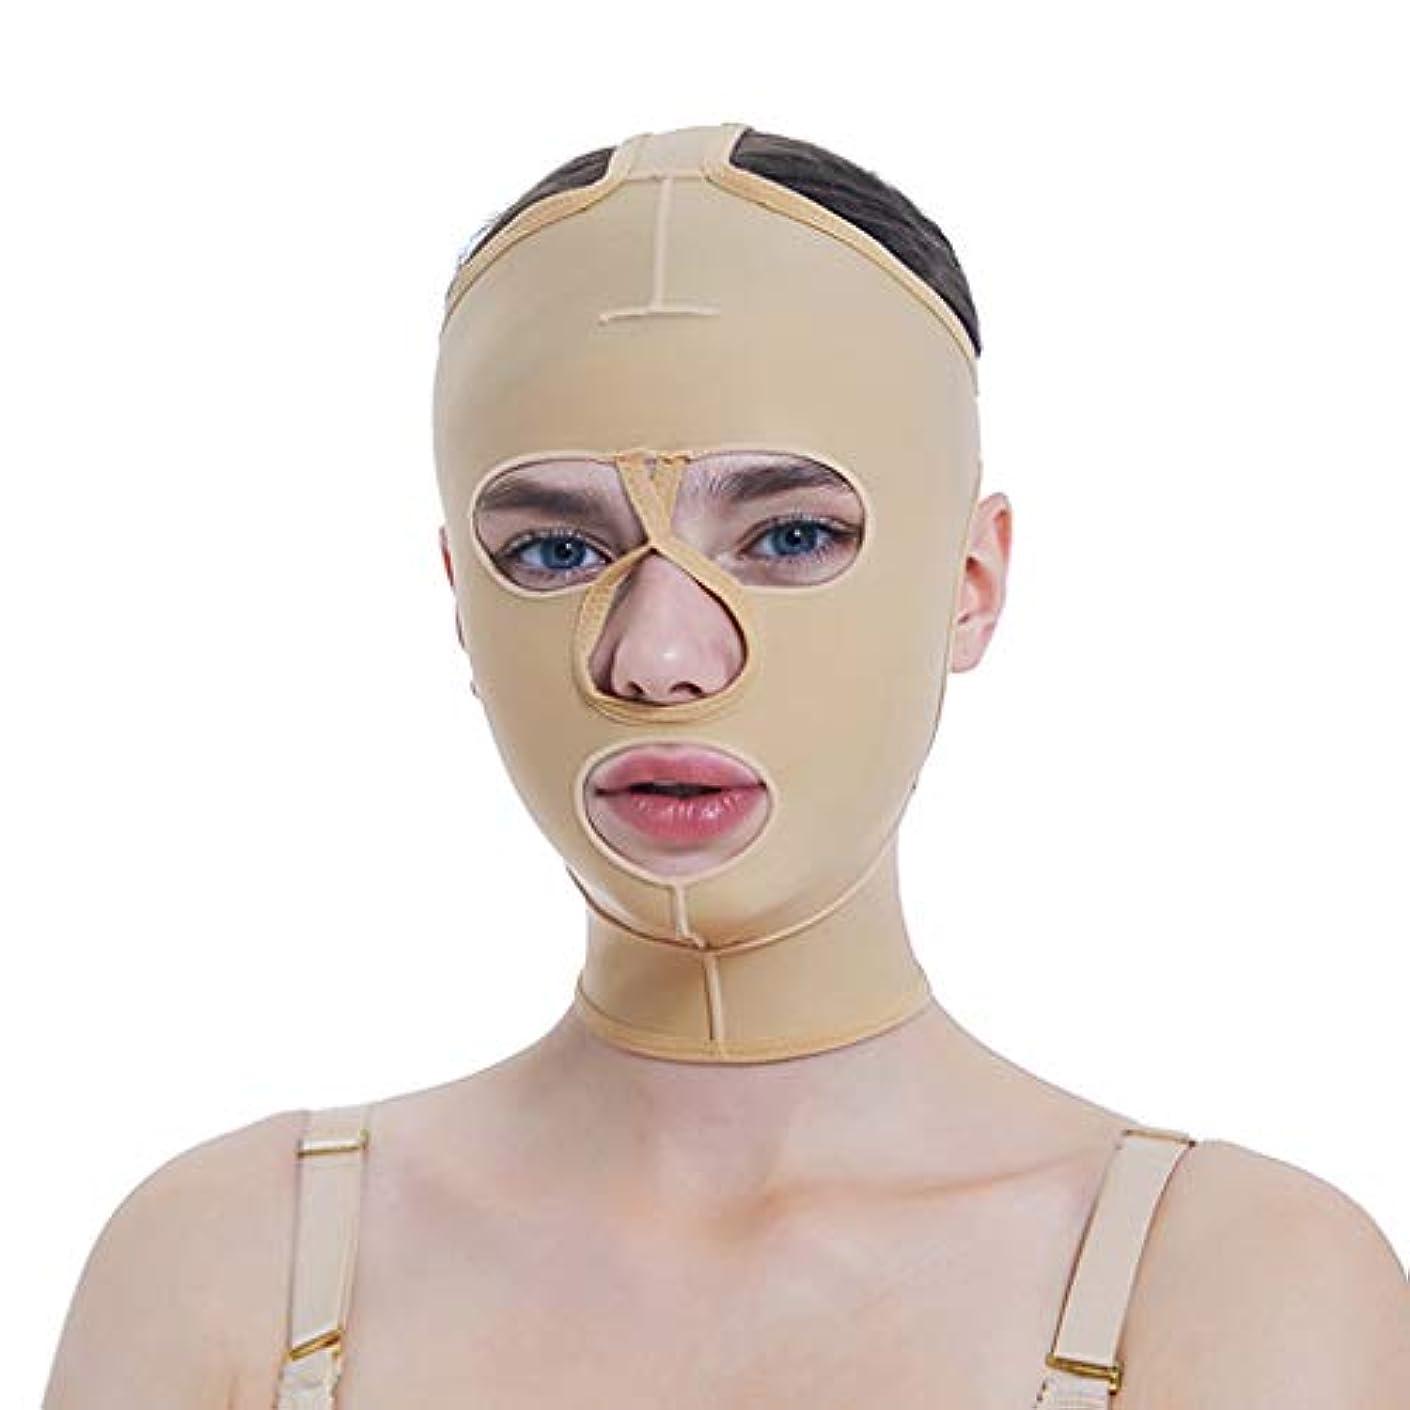 君主制メーターパトロール脂肪吸引成形マスク、薄手かつらVフェイスビームフェイス弾性スリーブマルチサイズオプション (Size : S)